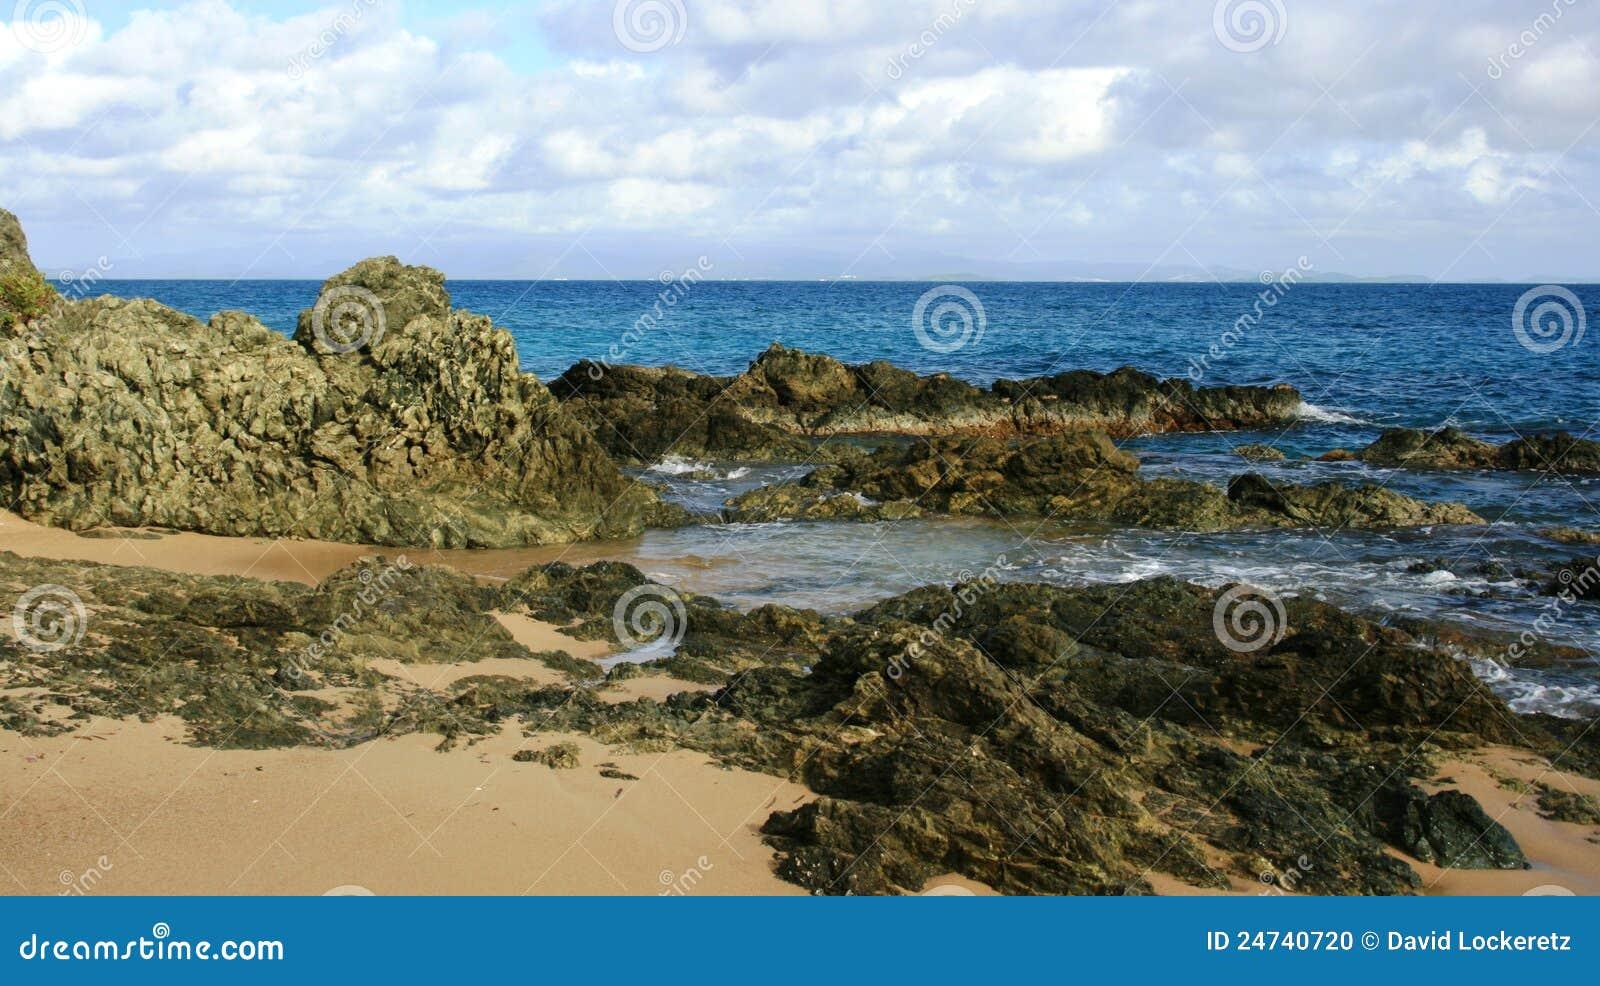 Vieques Island Beach